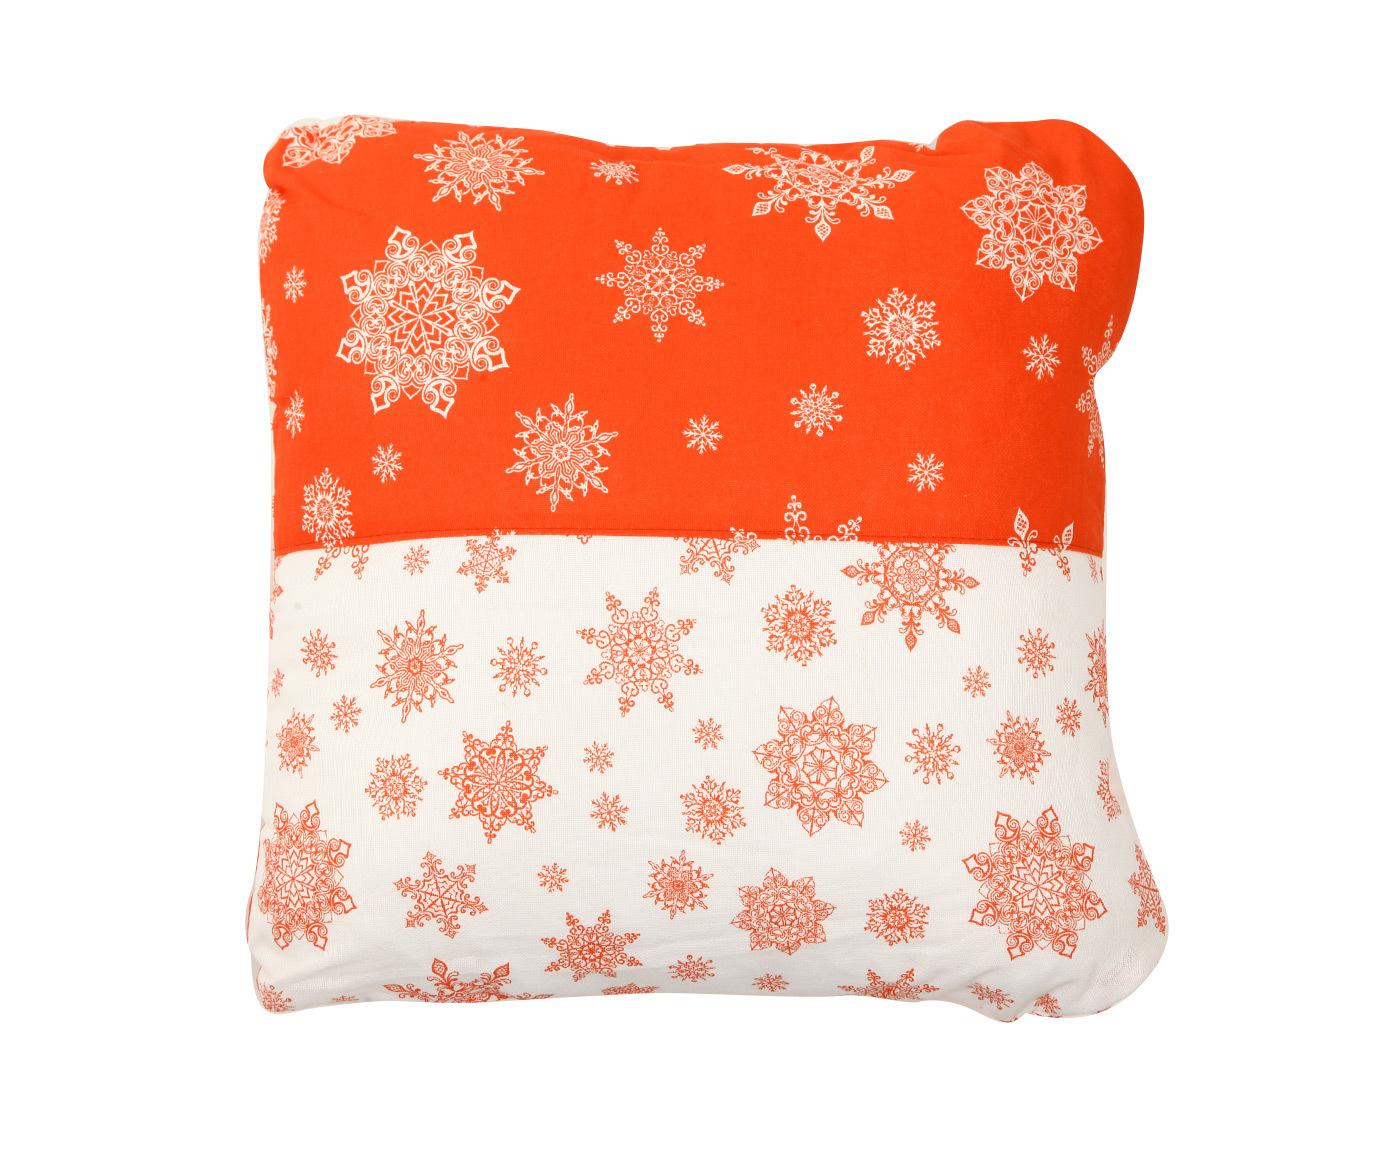 Набор подушек Новогодний калейдоскоп (2шт)Квадратные подушки<br>Декоративная подушка станет стильным акцентом в вашем интерьере. Оригинальный принт внесёт уют и позитив в интерьер. Плотная хлопковая ткань съёмной наволочки с молнией легко стирается и не изнашивается. Внутренние подушки-наполнители продаются отдельно.<br><br>Material: Хлопок<br>Length см: None<br>Width см: 45<br>Depth см: 18<br>Height см: 45